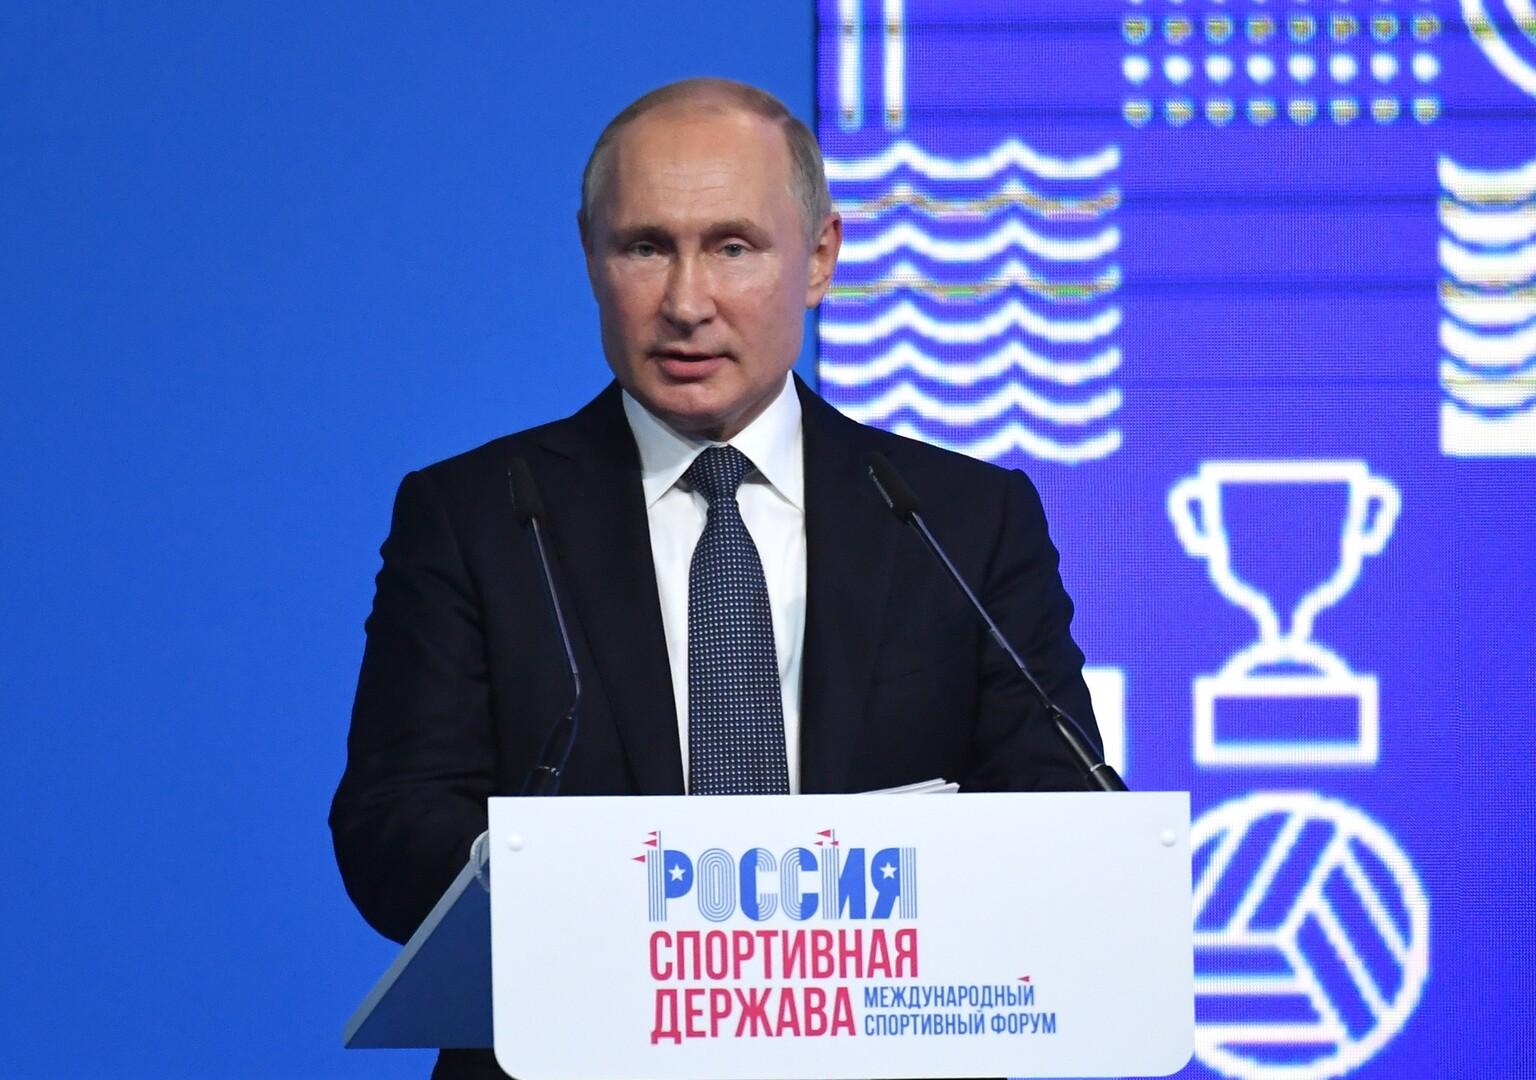 الكرملين يعلن موعد زيارة بوتين إلى السعودية والإمارات